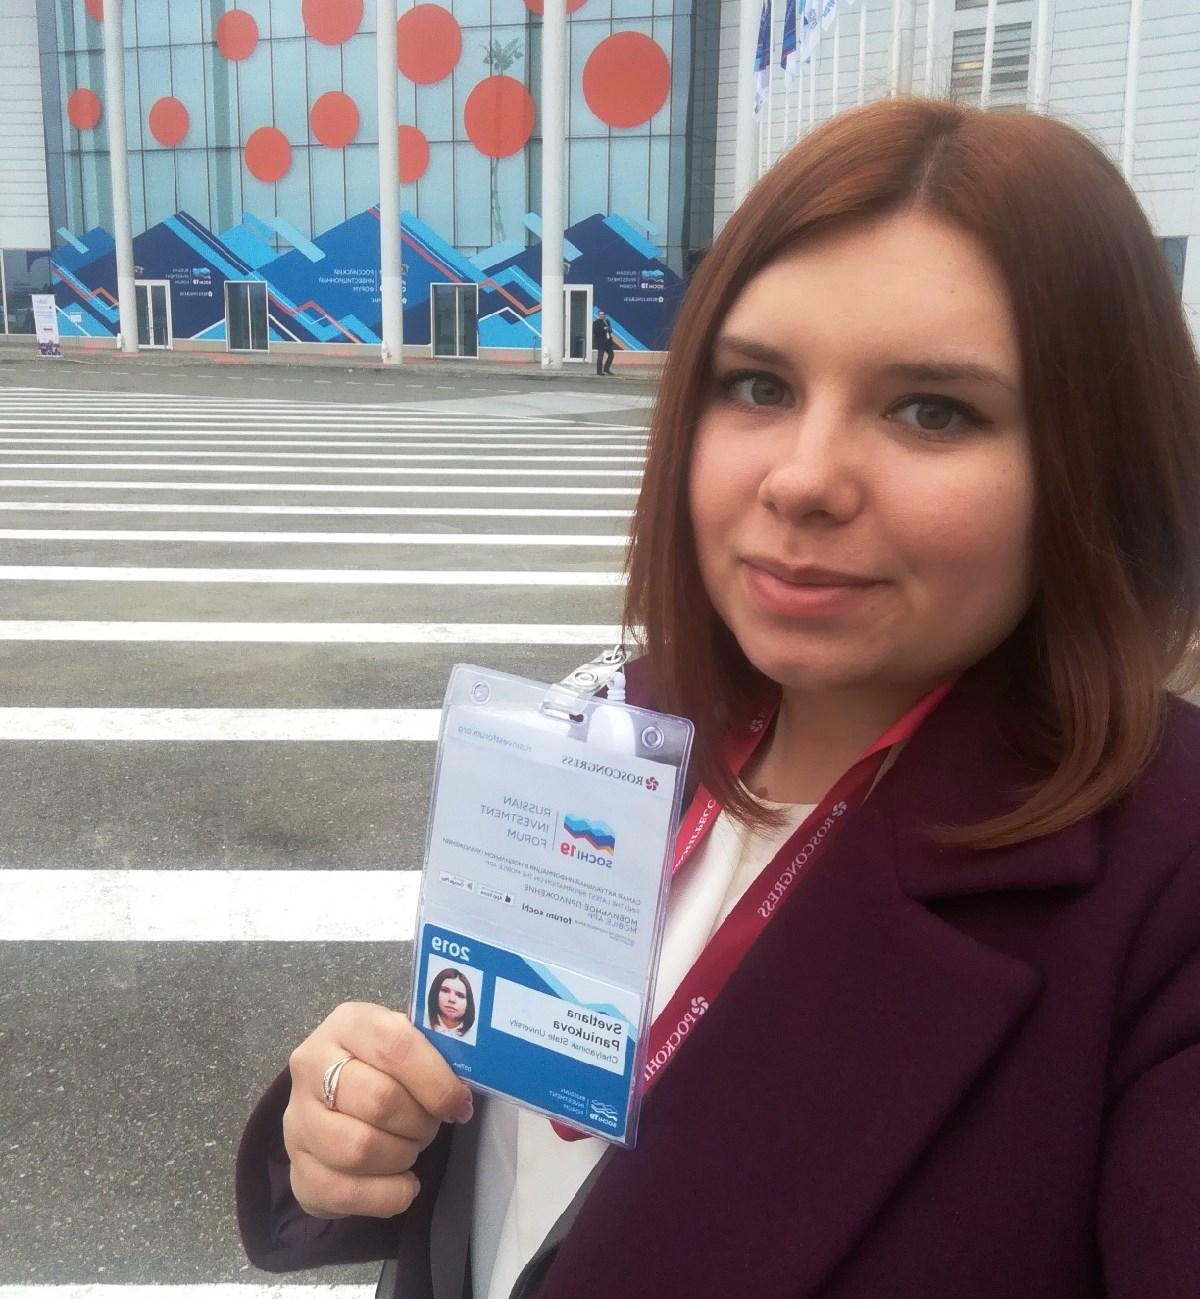 В Челябинске появится новое СМИ, которой докажет, что мы живем в совсем не суровом городе. Сайт,